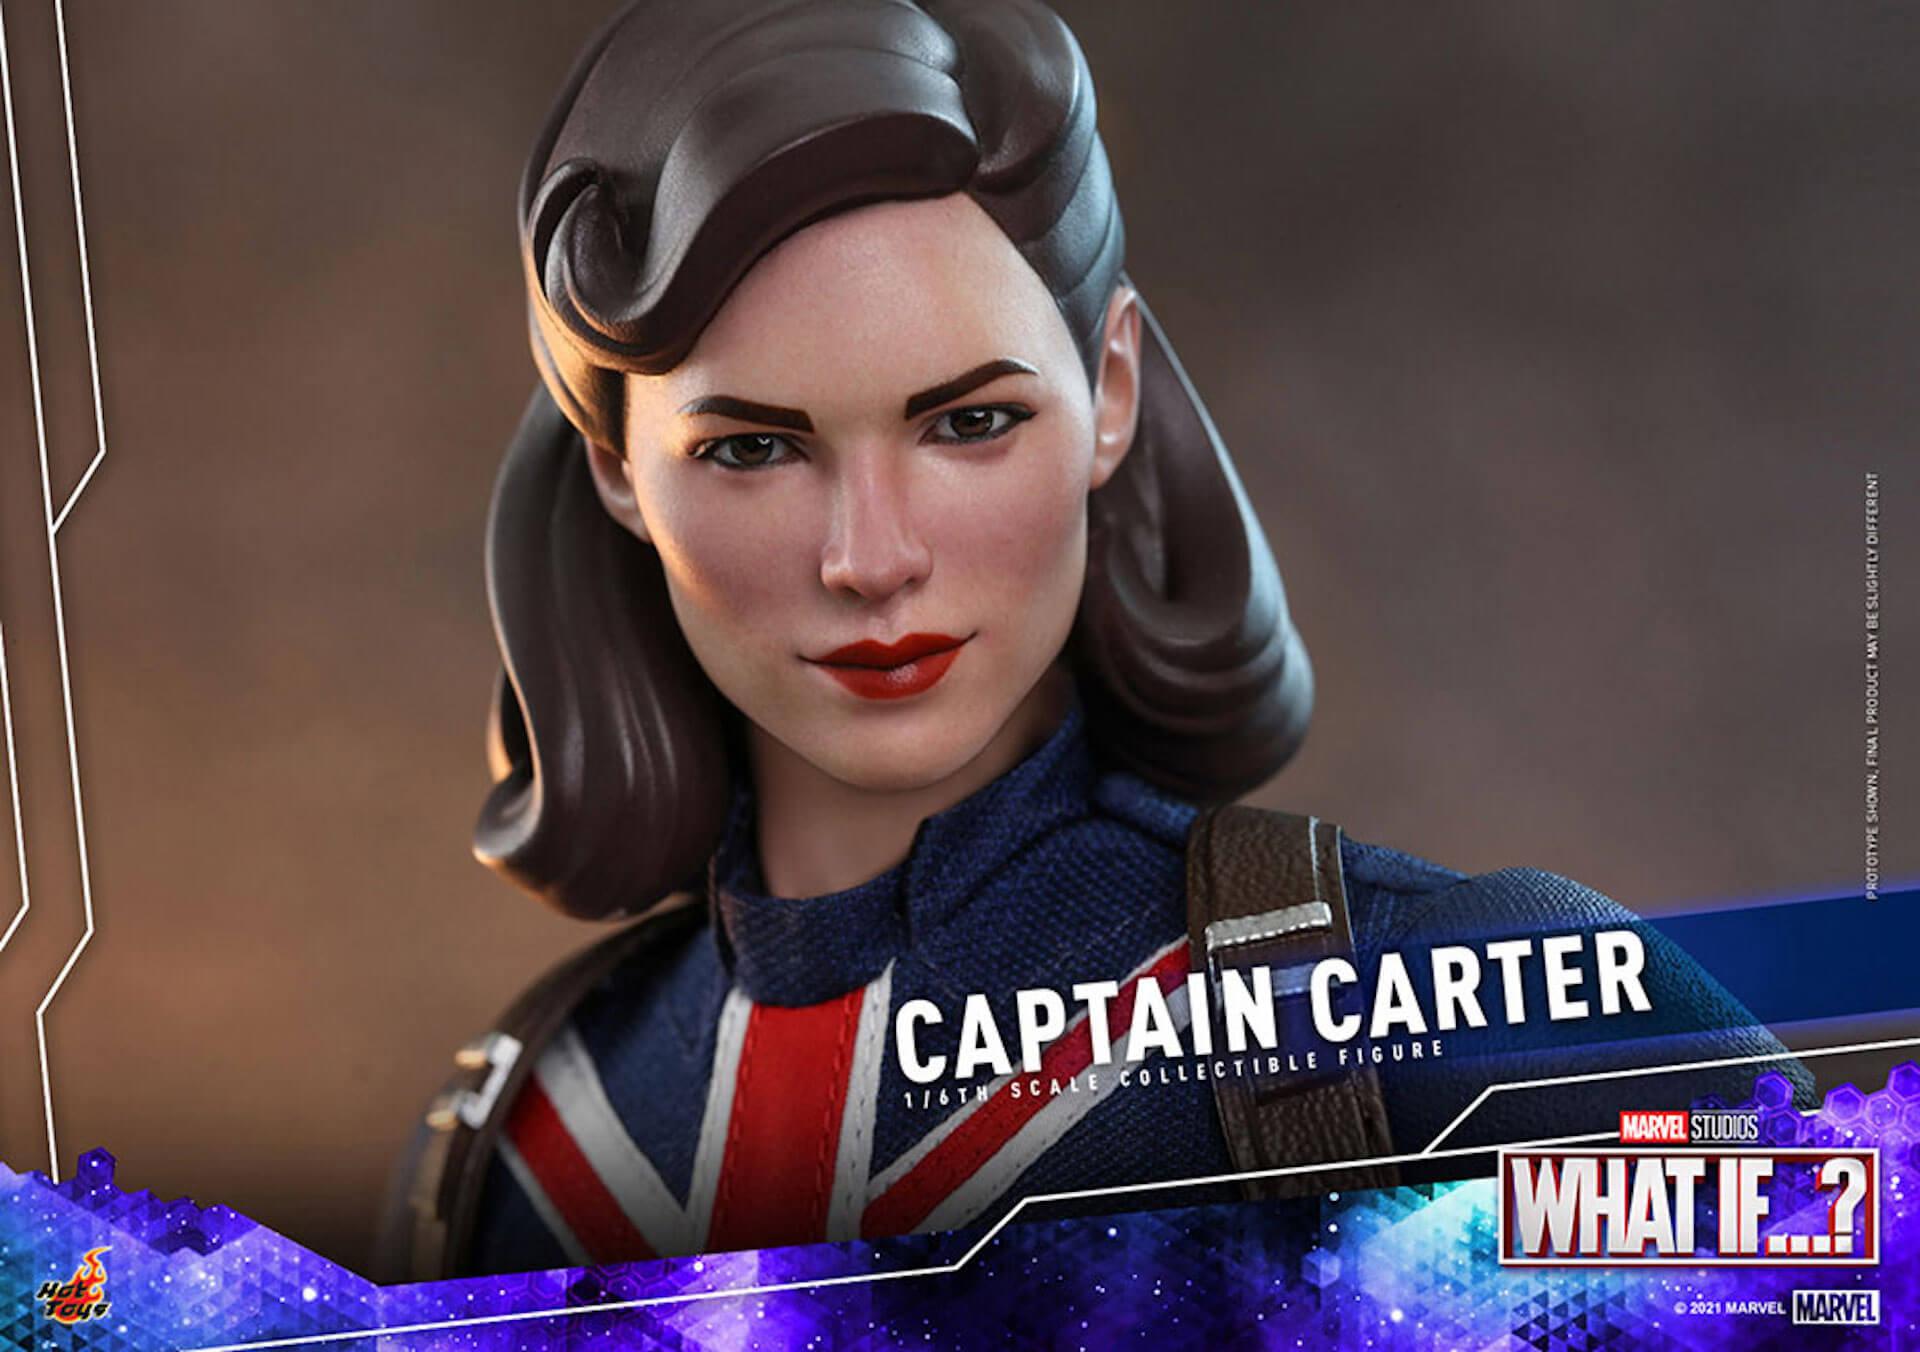 もしもの世界のヒーローがフィギュアに!マーベル・スタジオ『ホワット・イフ...?』のキャプテン・カーターがホットトイズより登場 art210921_captaincarter_hottoys_6